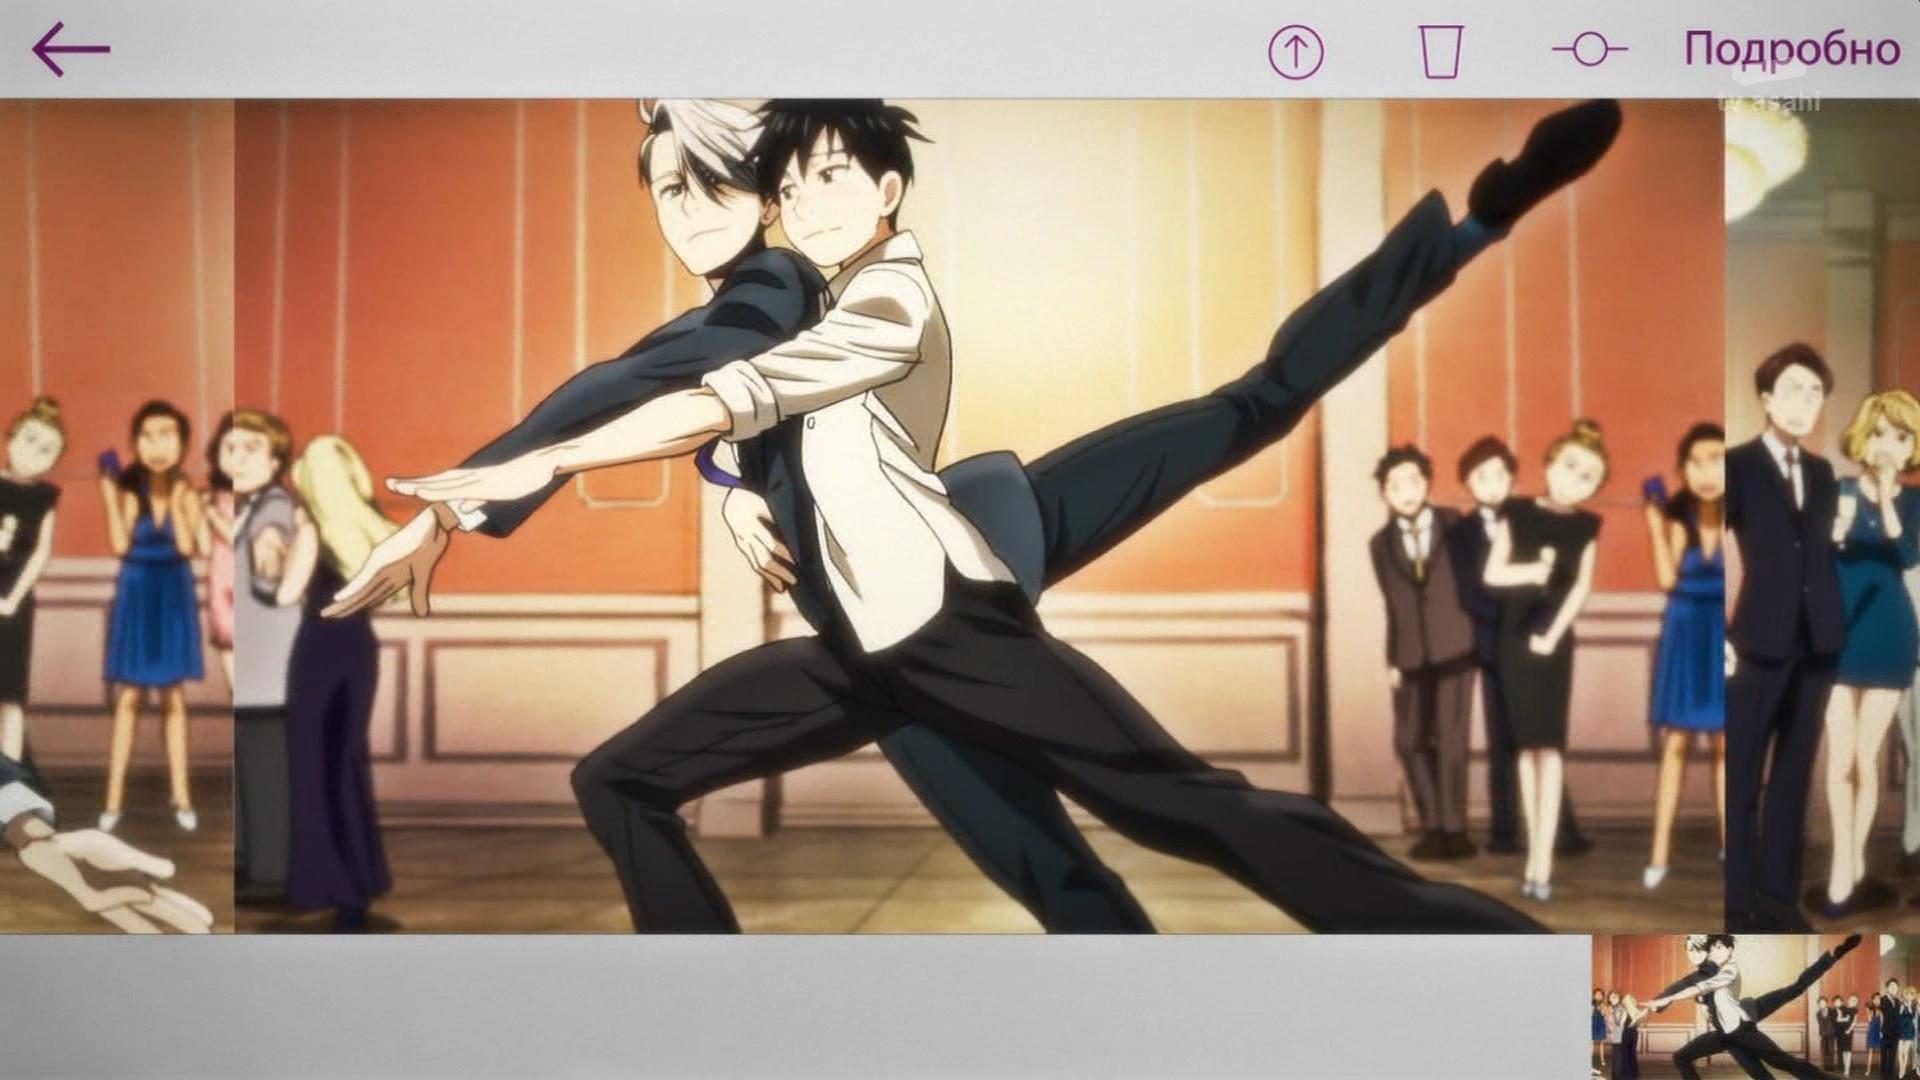 ヴィクトルと勇利のダンス(第10話画像)